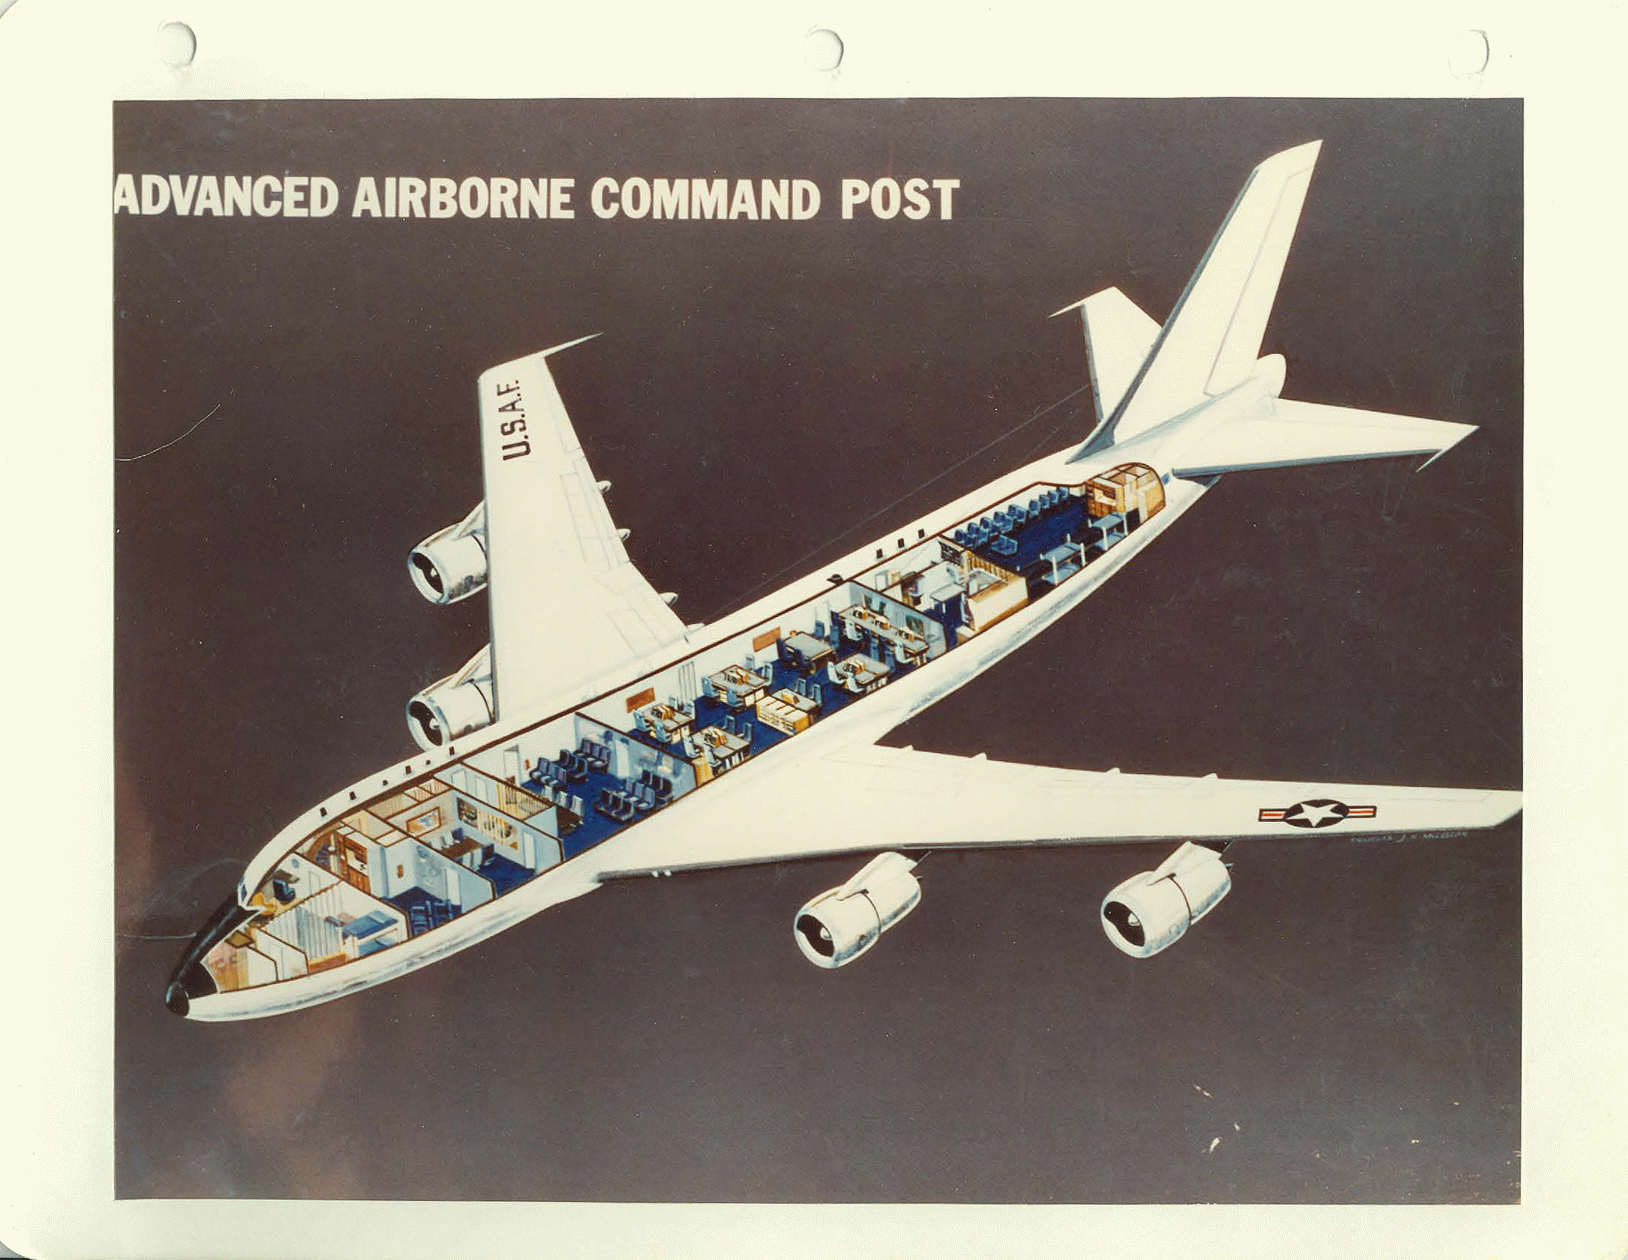 Boeing E4 design